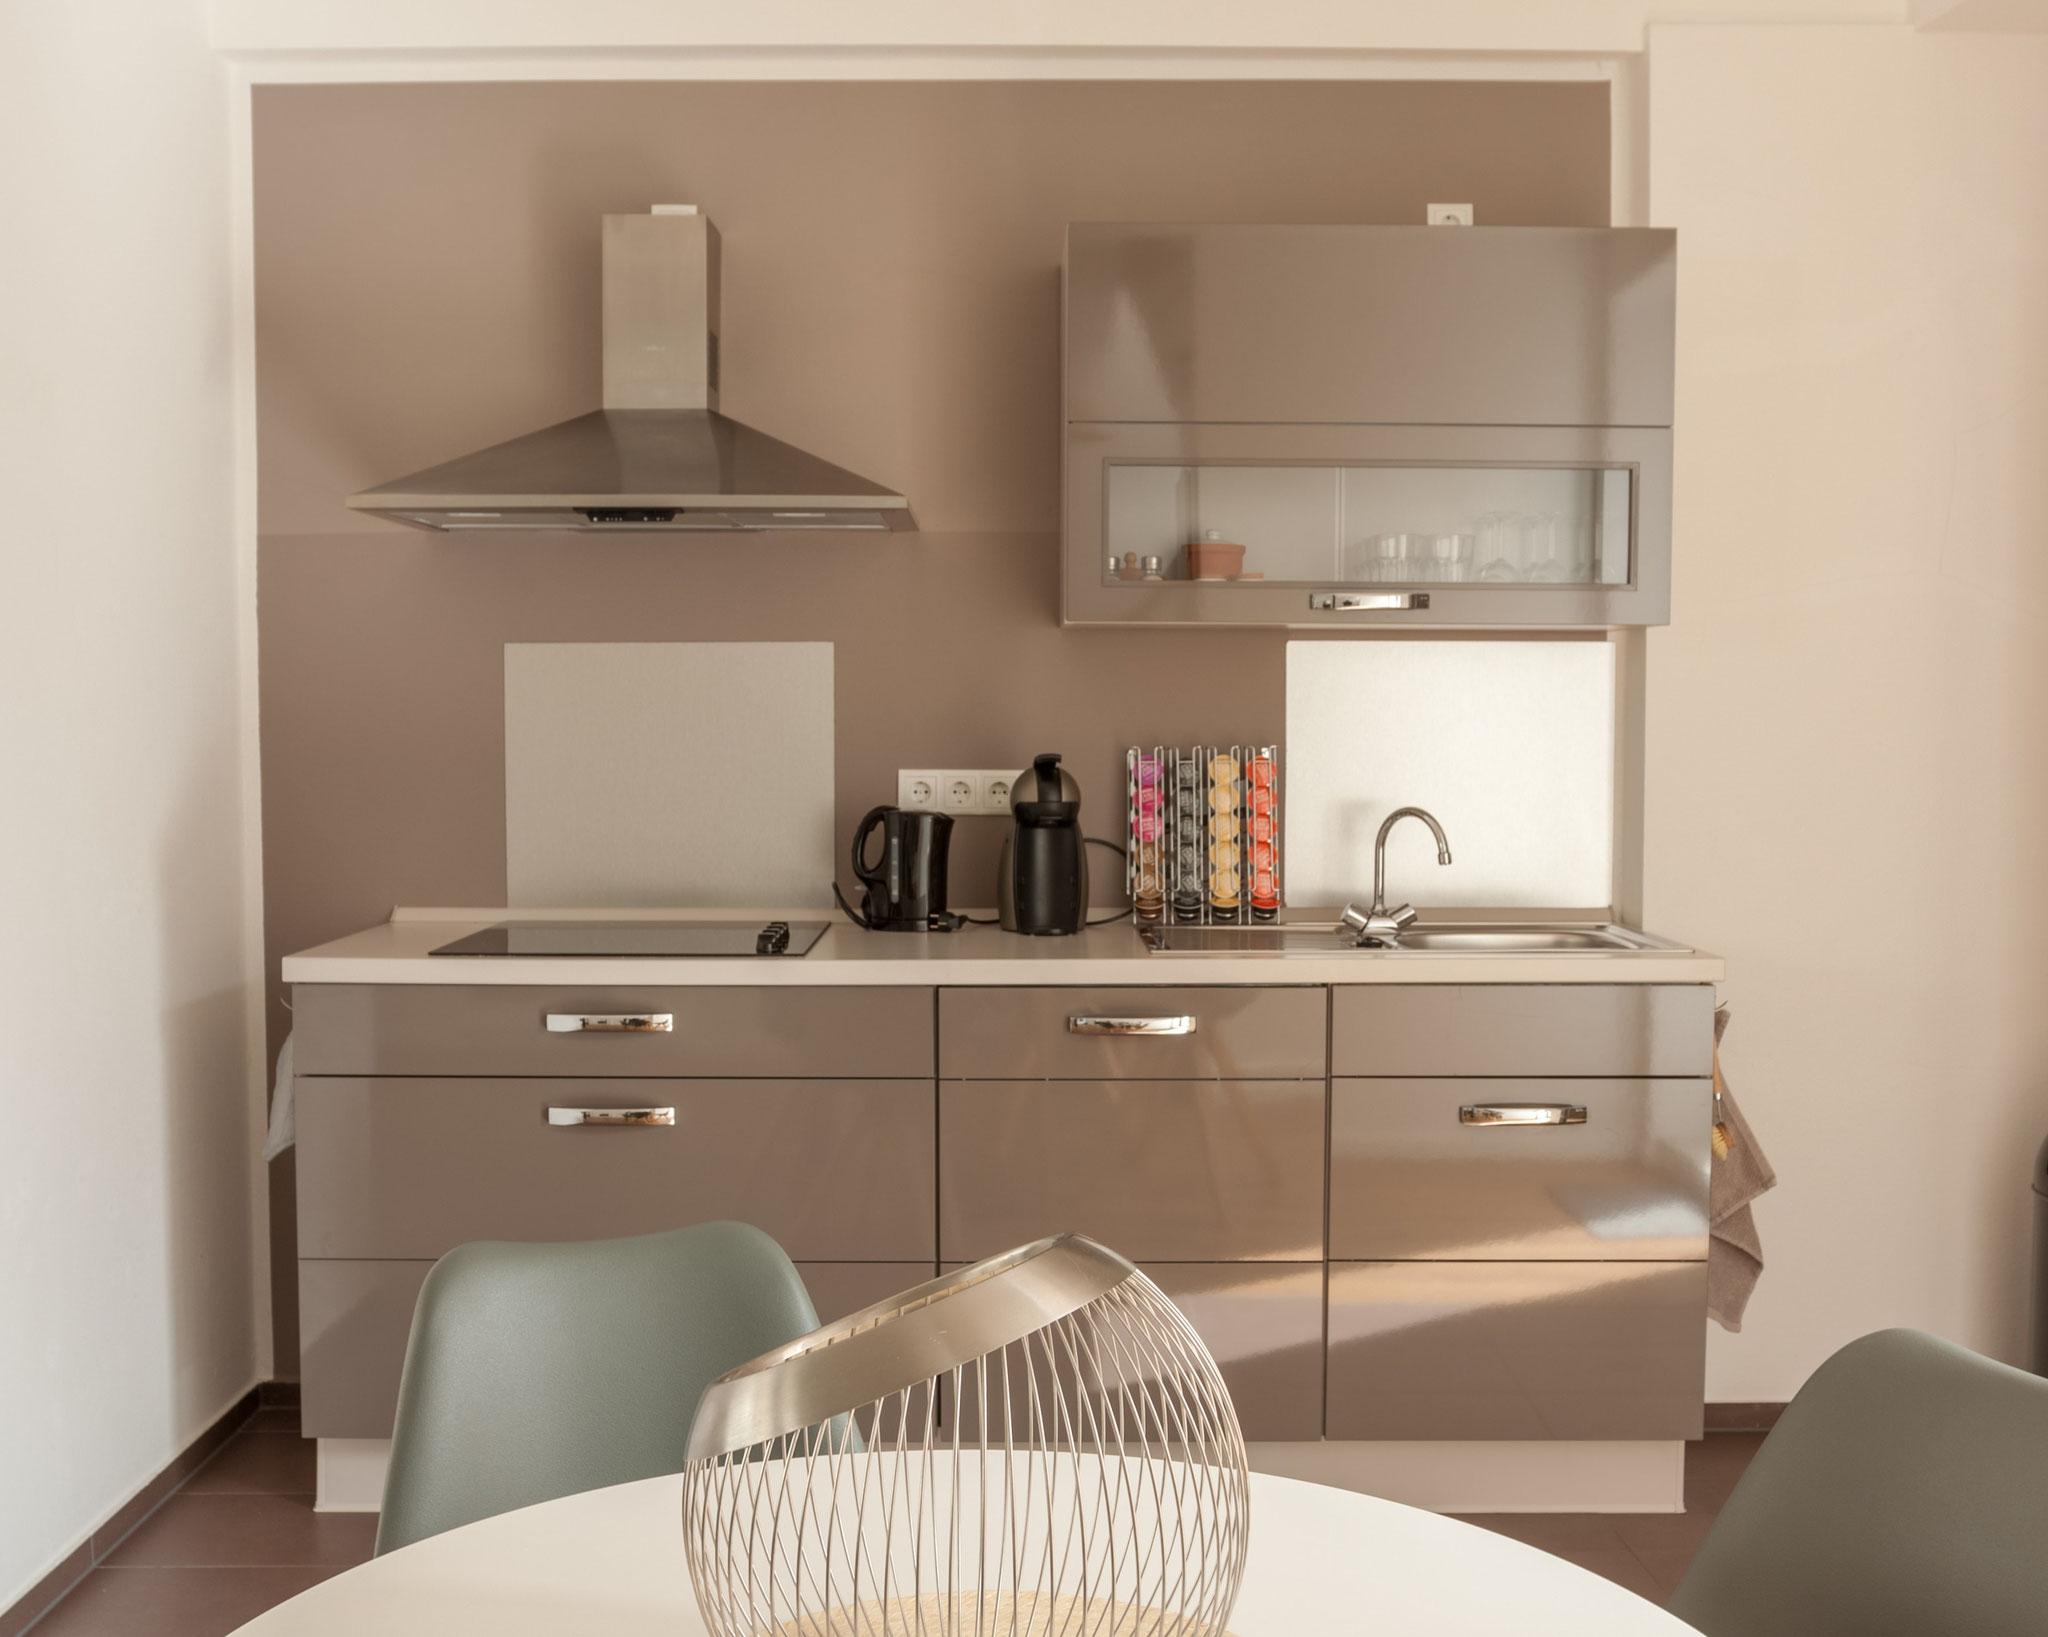 Ferienapartment Schwerin - moderne Küchenzeile